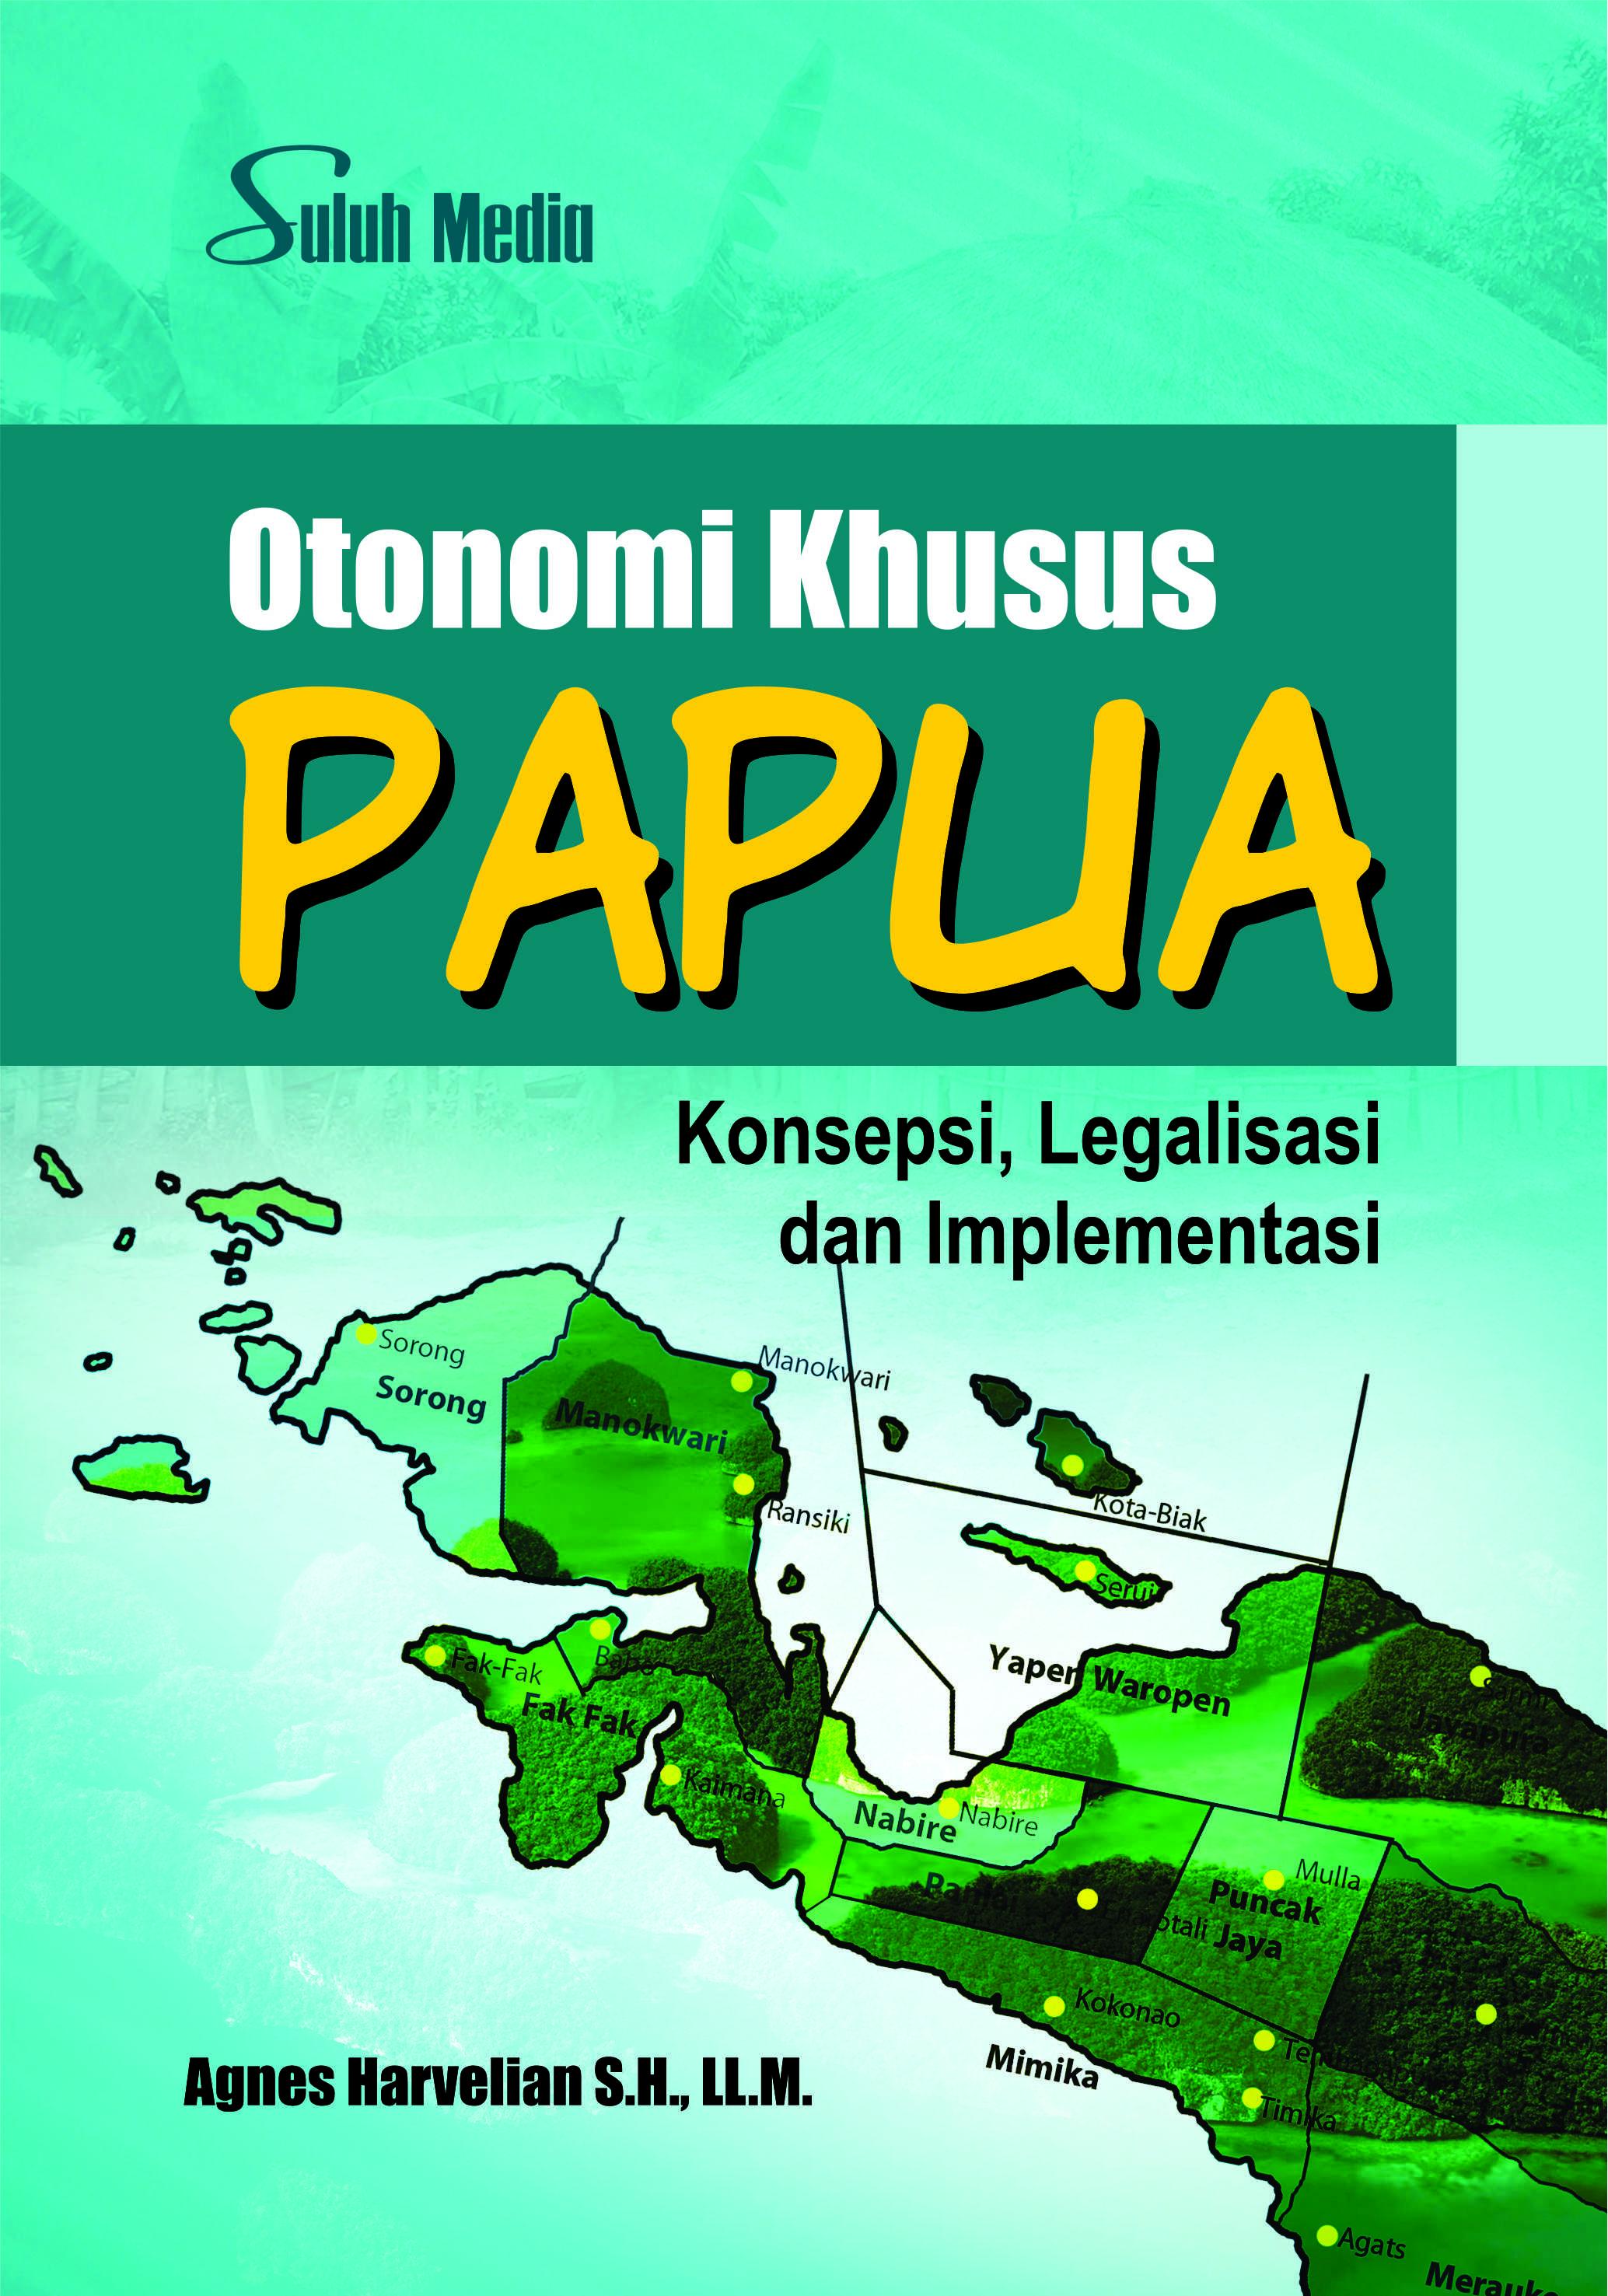 Otonomi khusus Papua konsepsi, legalisasi dan implementasi [sumber elektronis]